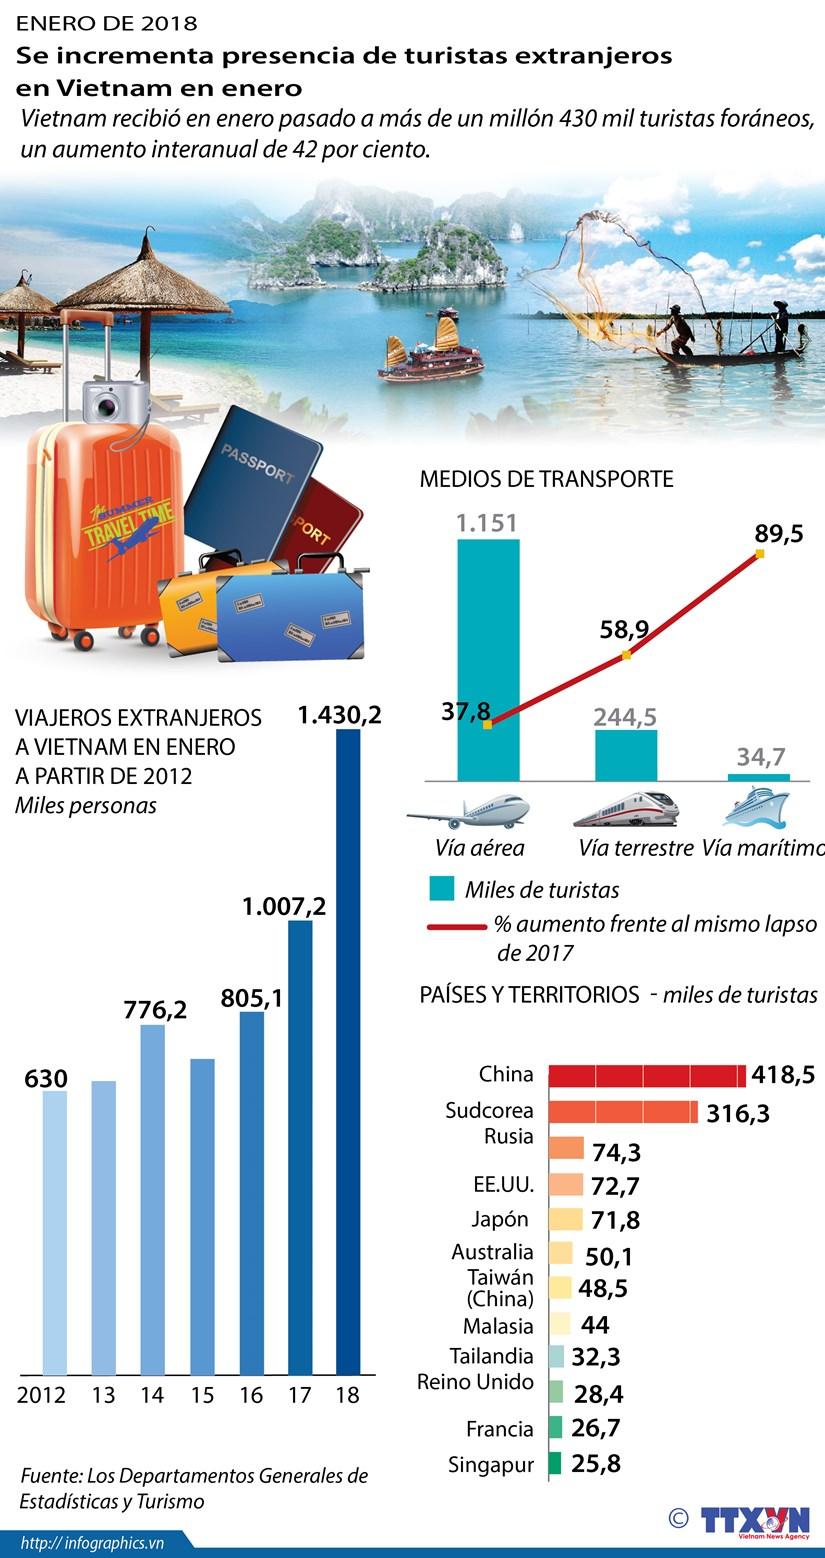 Se incrementa presencia de turistas extranjeros en Vietnam en enero hinh anh 1